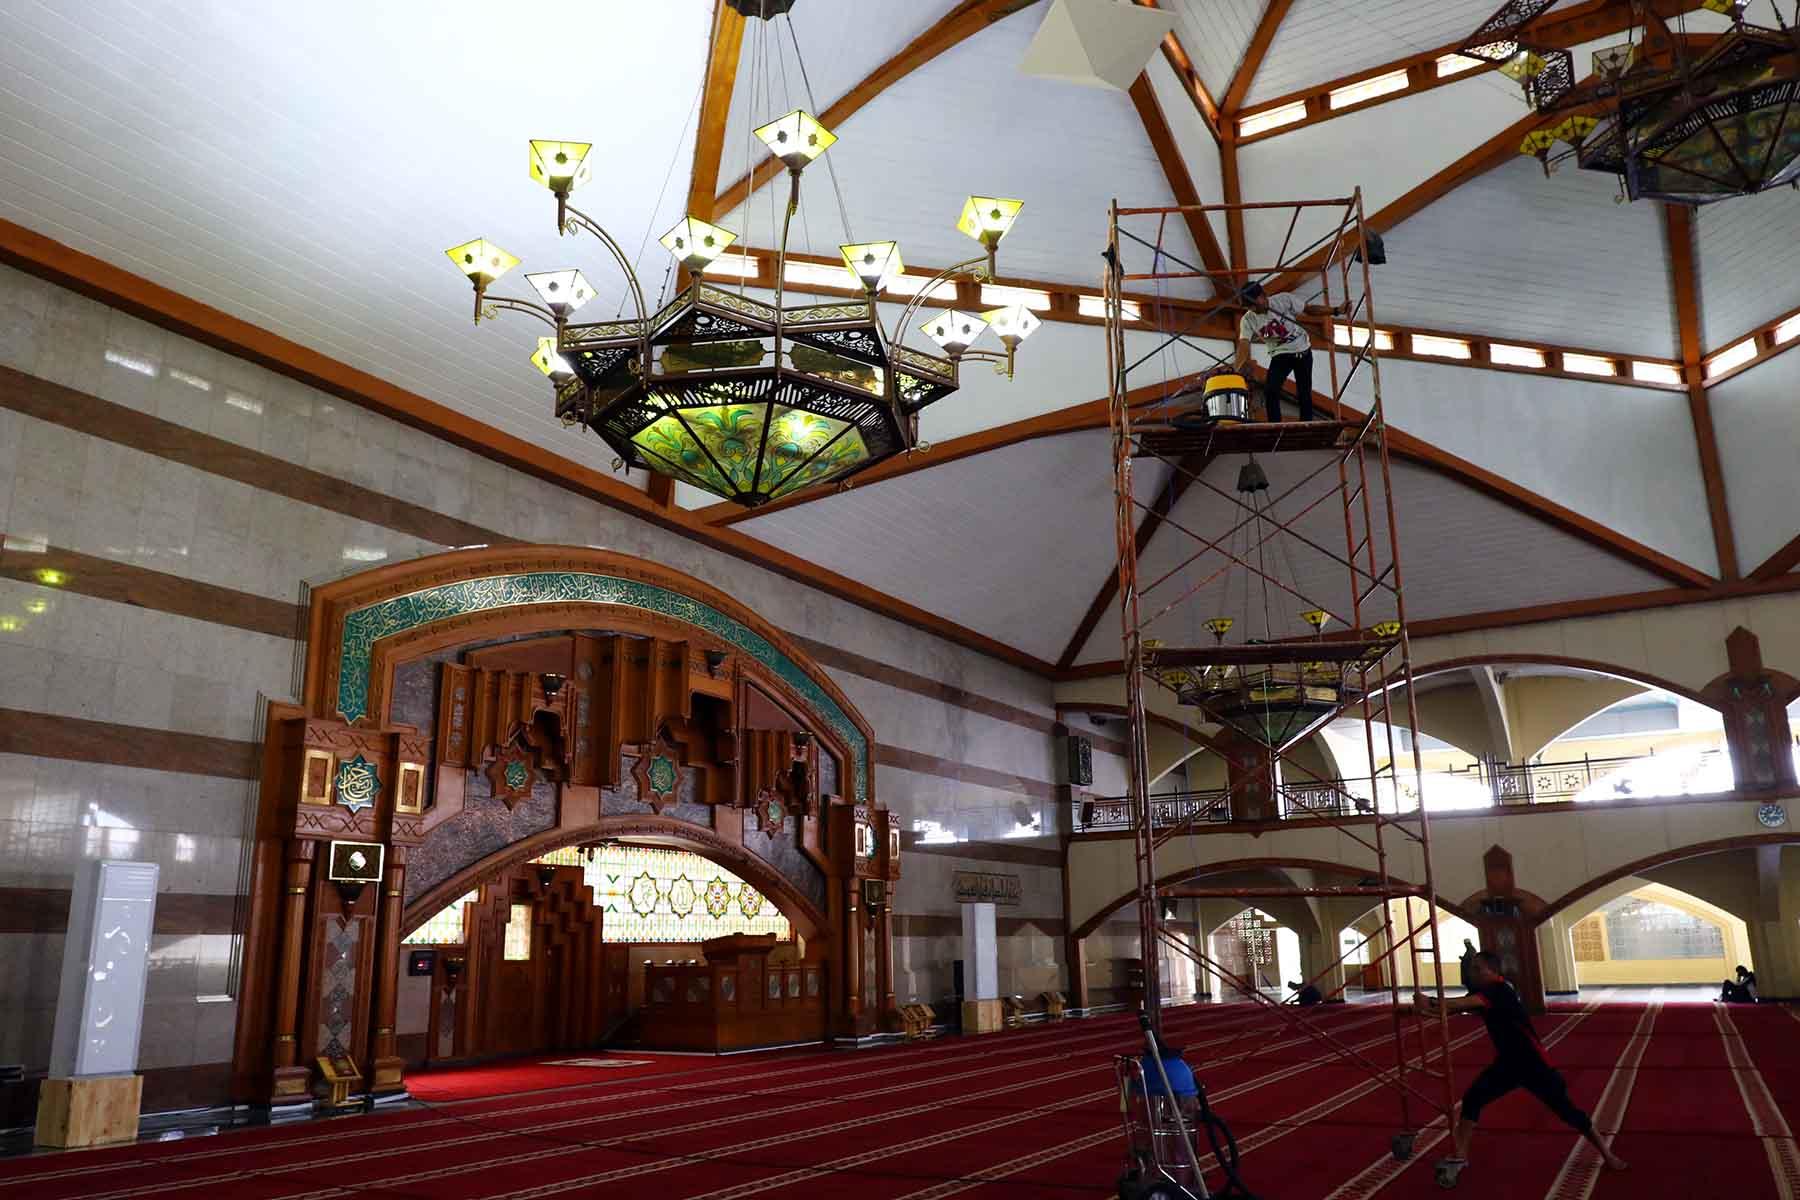 Ayobdg Persiapan Ramadhan Ncos 7